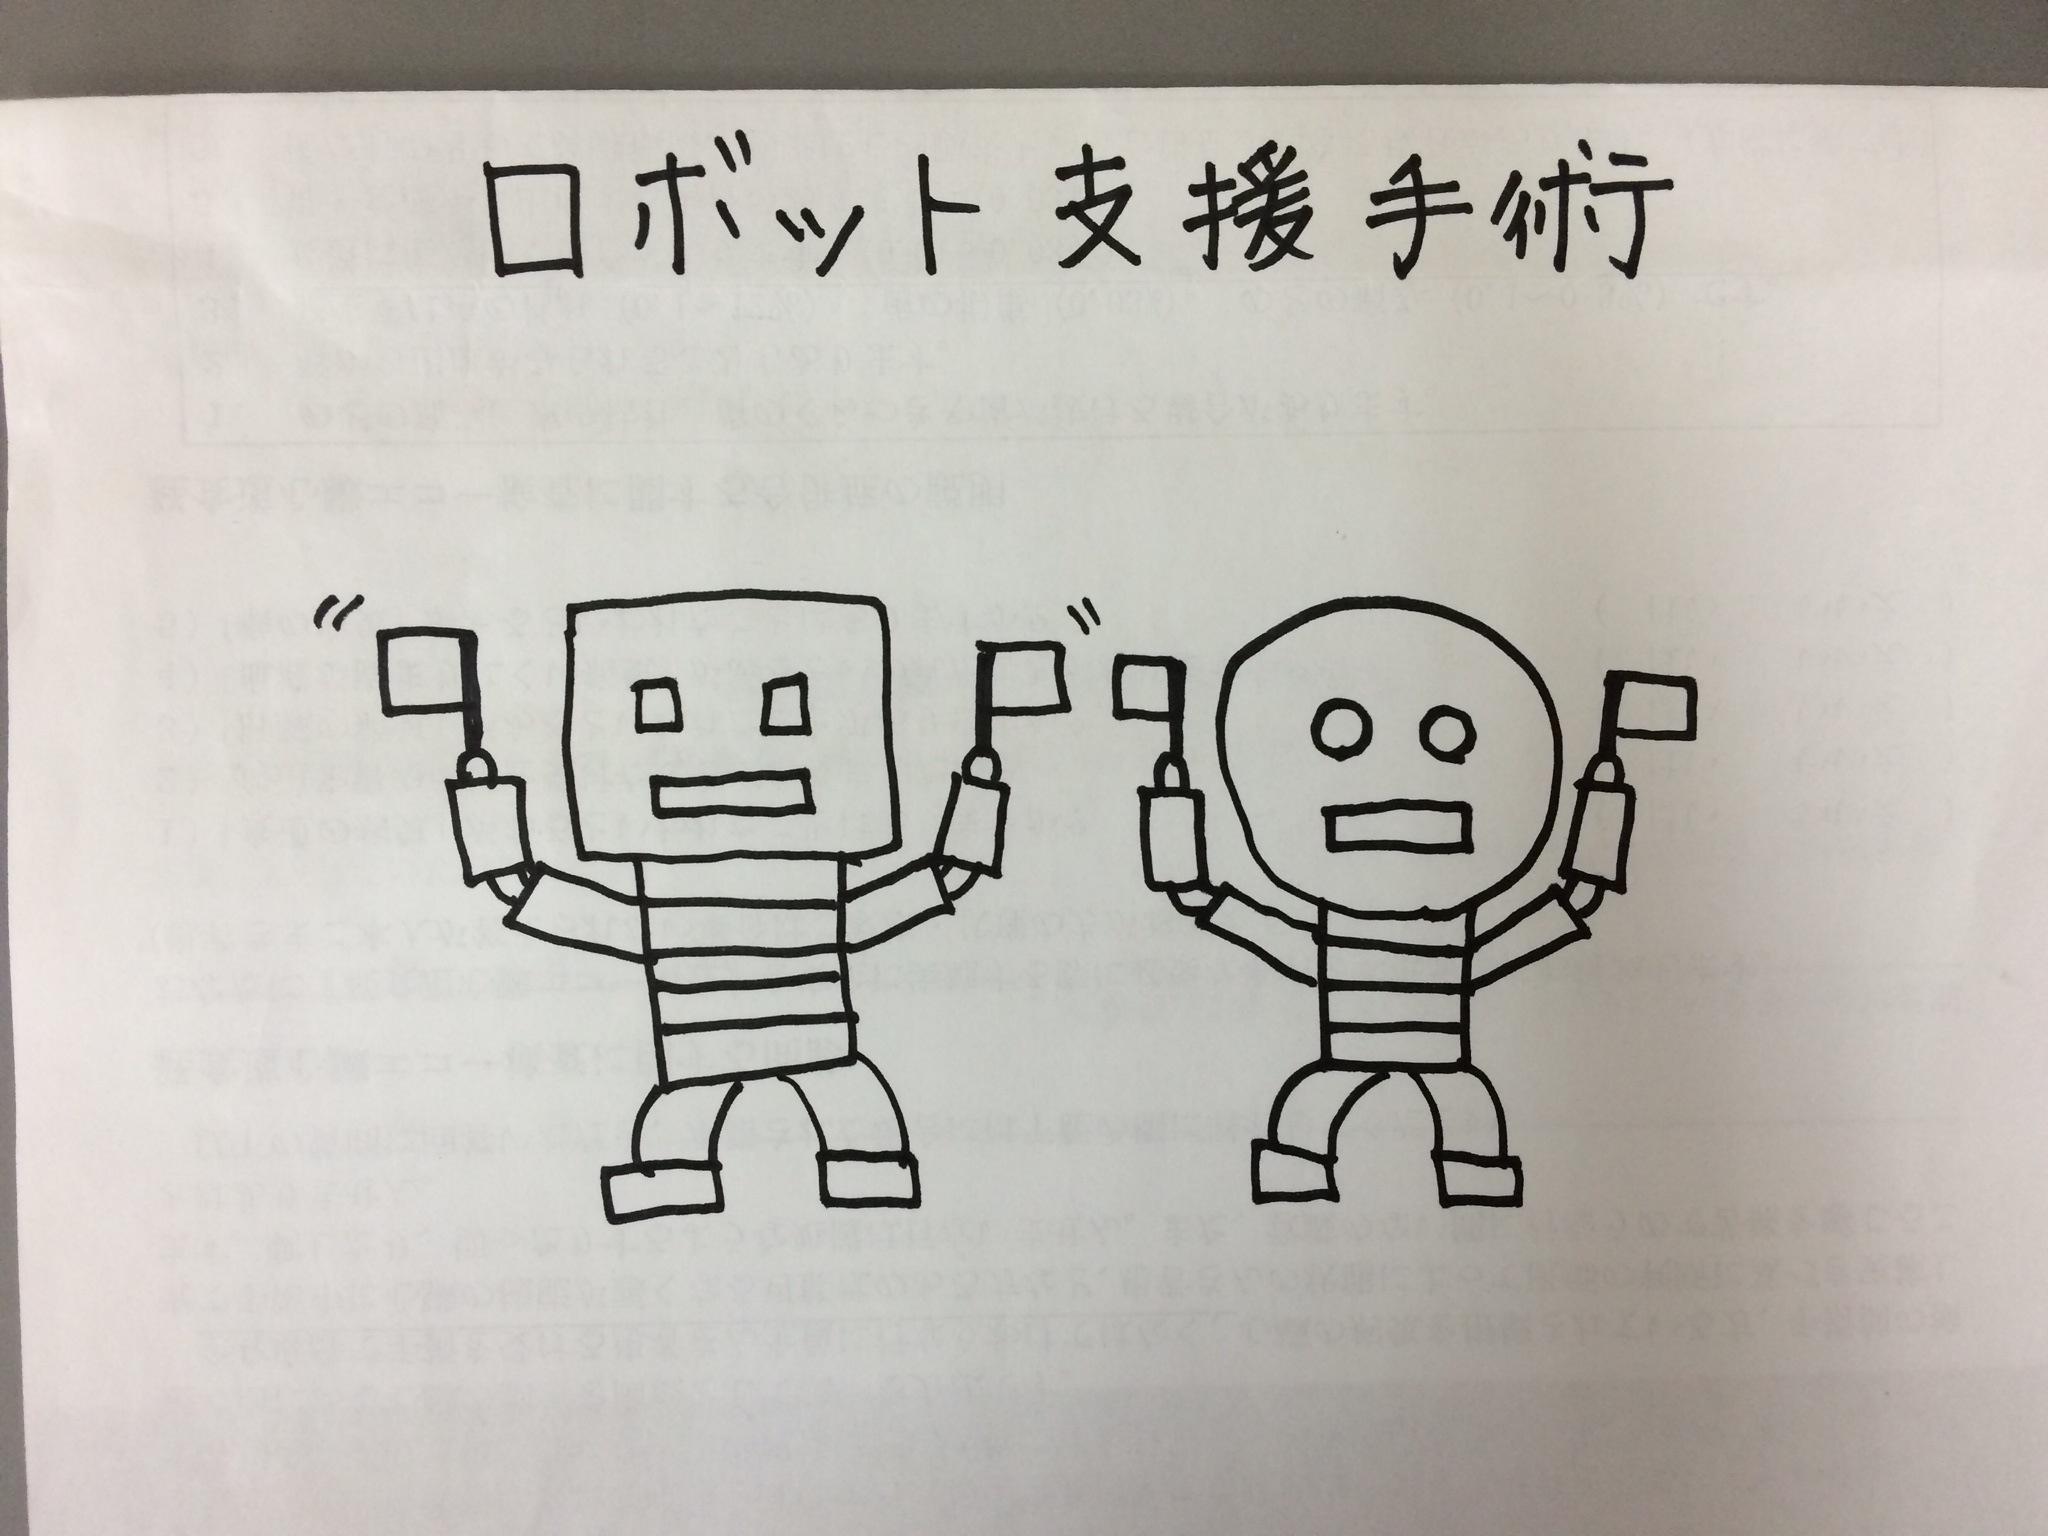 ロボット支援